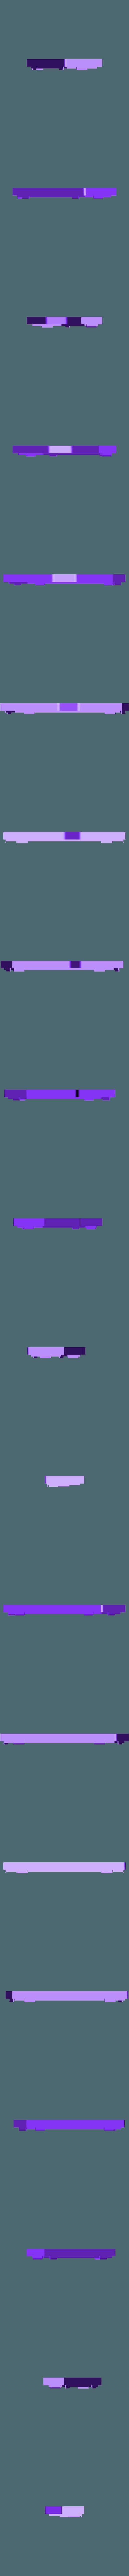 pokedex_adjusted2_UpperFace_1_7.stl Télécharger fichier STL gratuit Pokedex • Modèle pour impression 3D, reakain